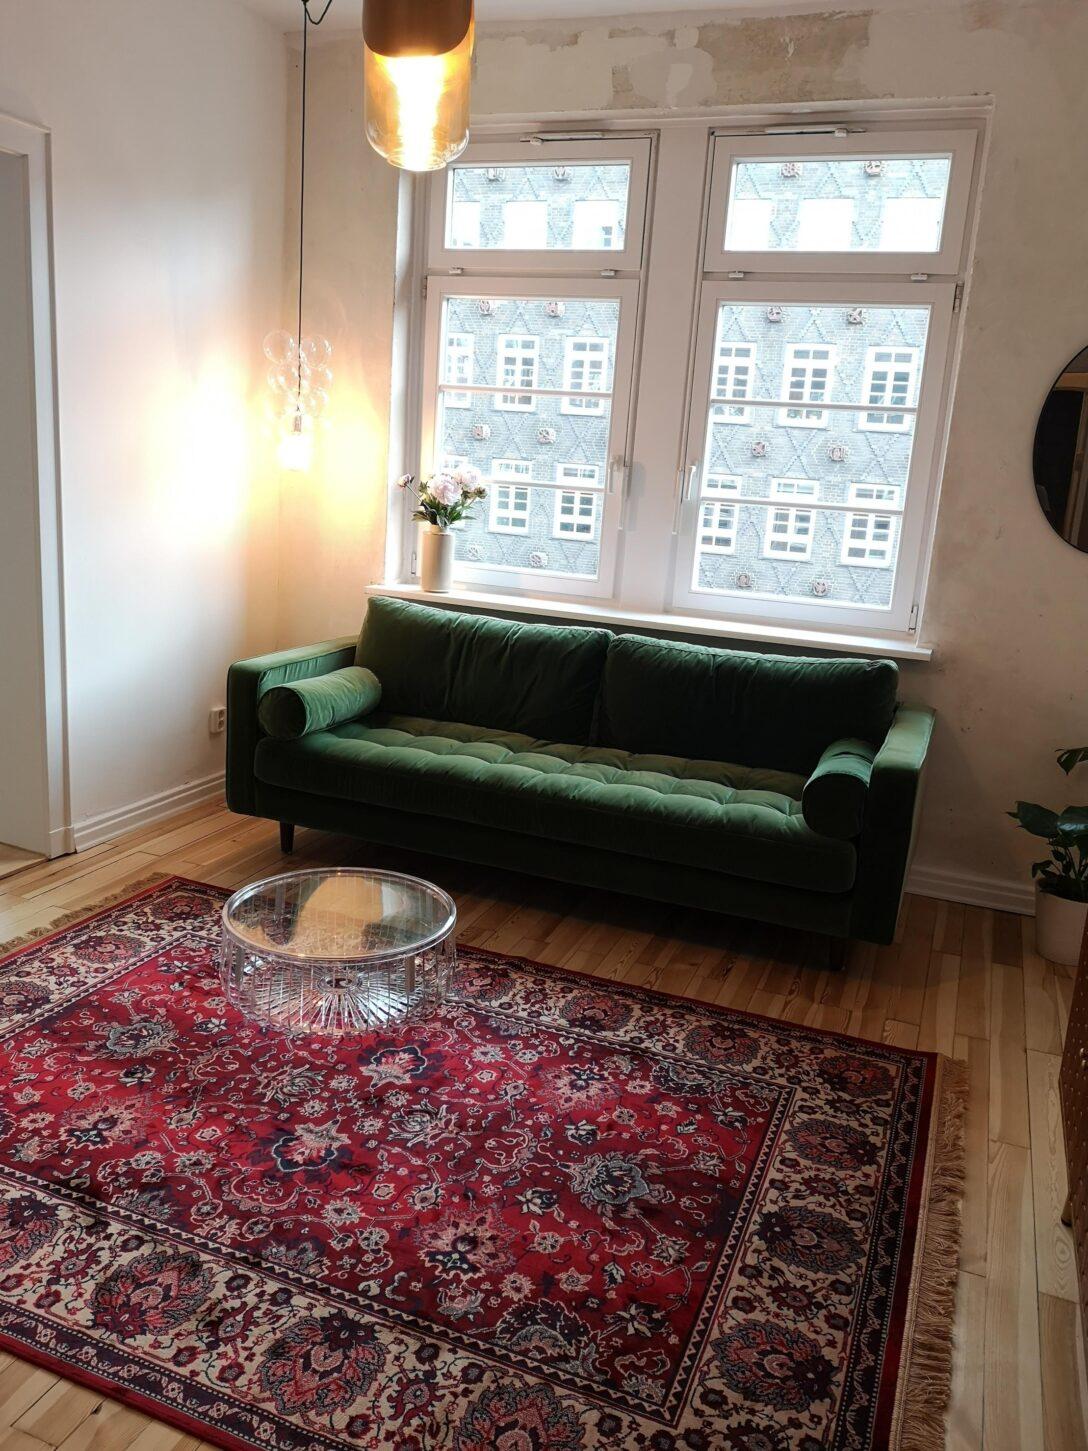 Large Size of Miniküche Ideen Minikche Bilder Couch Bad Renovieren Mit Kühlschrank Ikea Stengel Wohnzimmer Tapeten Wohnzimmer Miniküche Ideen